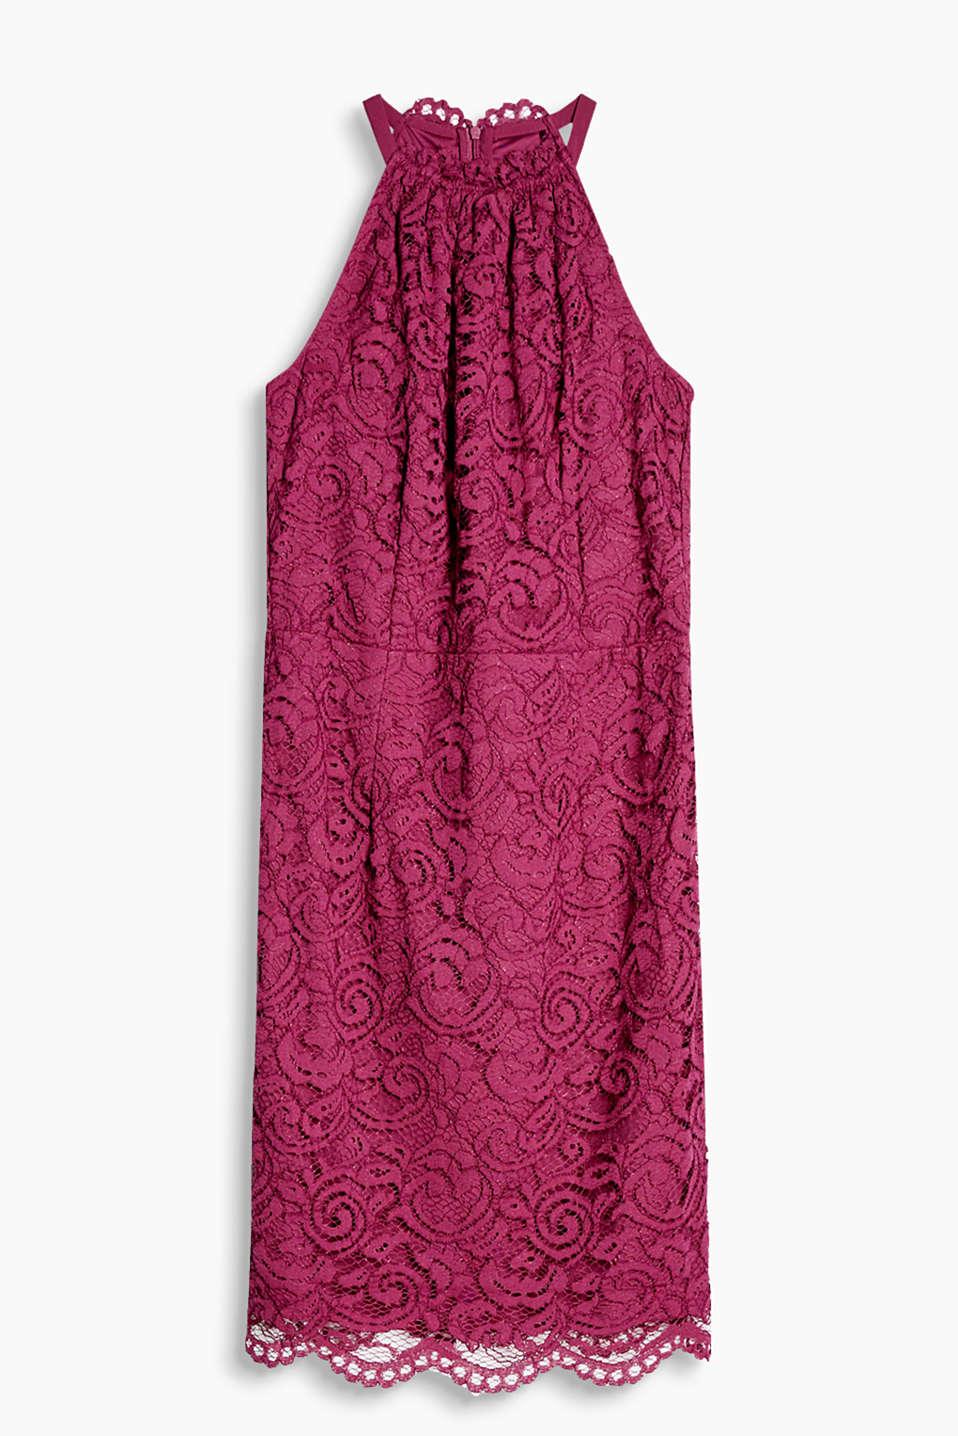 Esprit - Tailliertes Etuikleid aus feiner Spitze im Online Shop kaufen